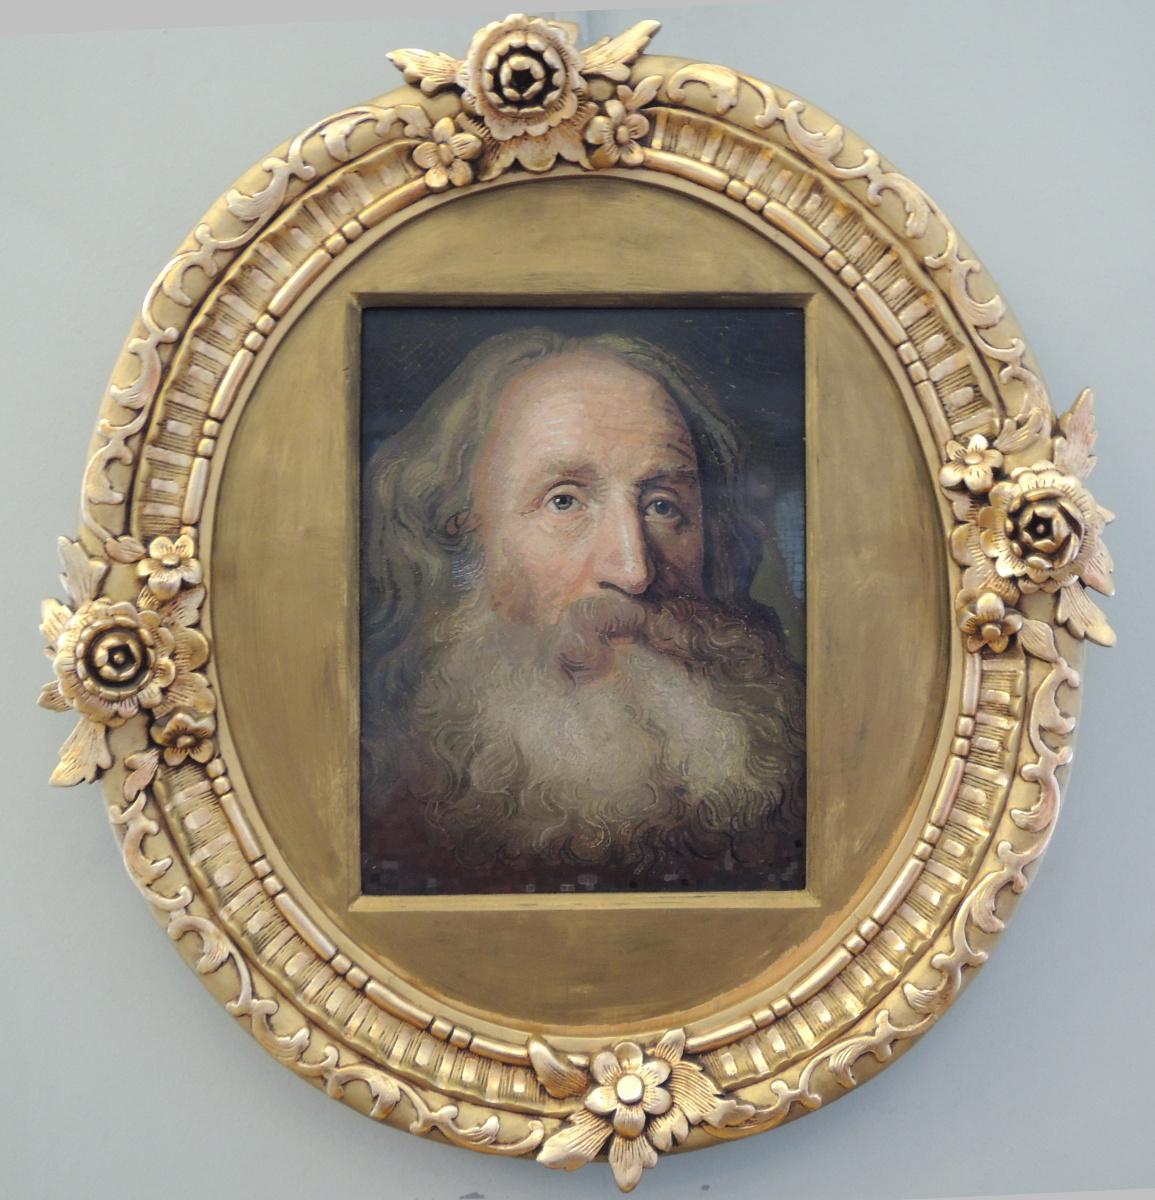 Mikhail Vasilyevich Lomonosov. Portrait of an old man (Factory of M.V. Lomonosov, craftsman Matvey Vasiliev)